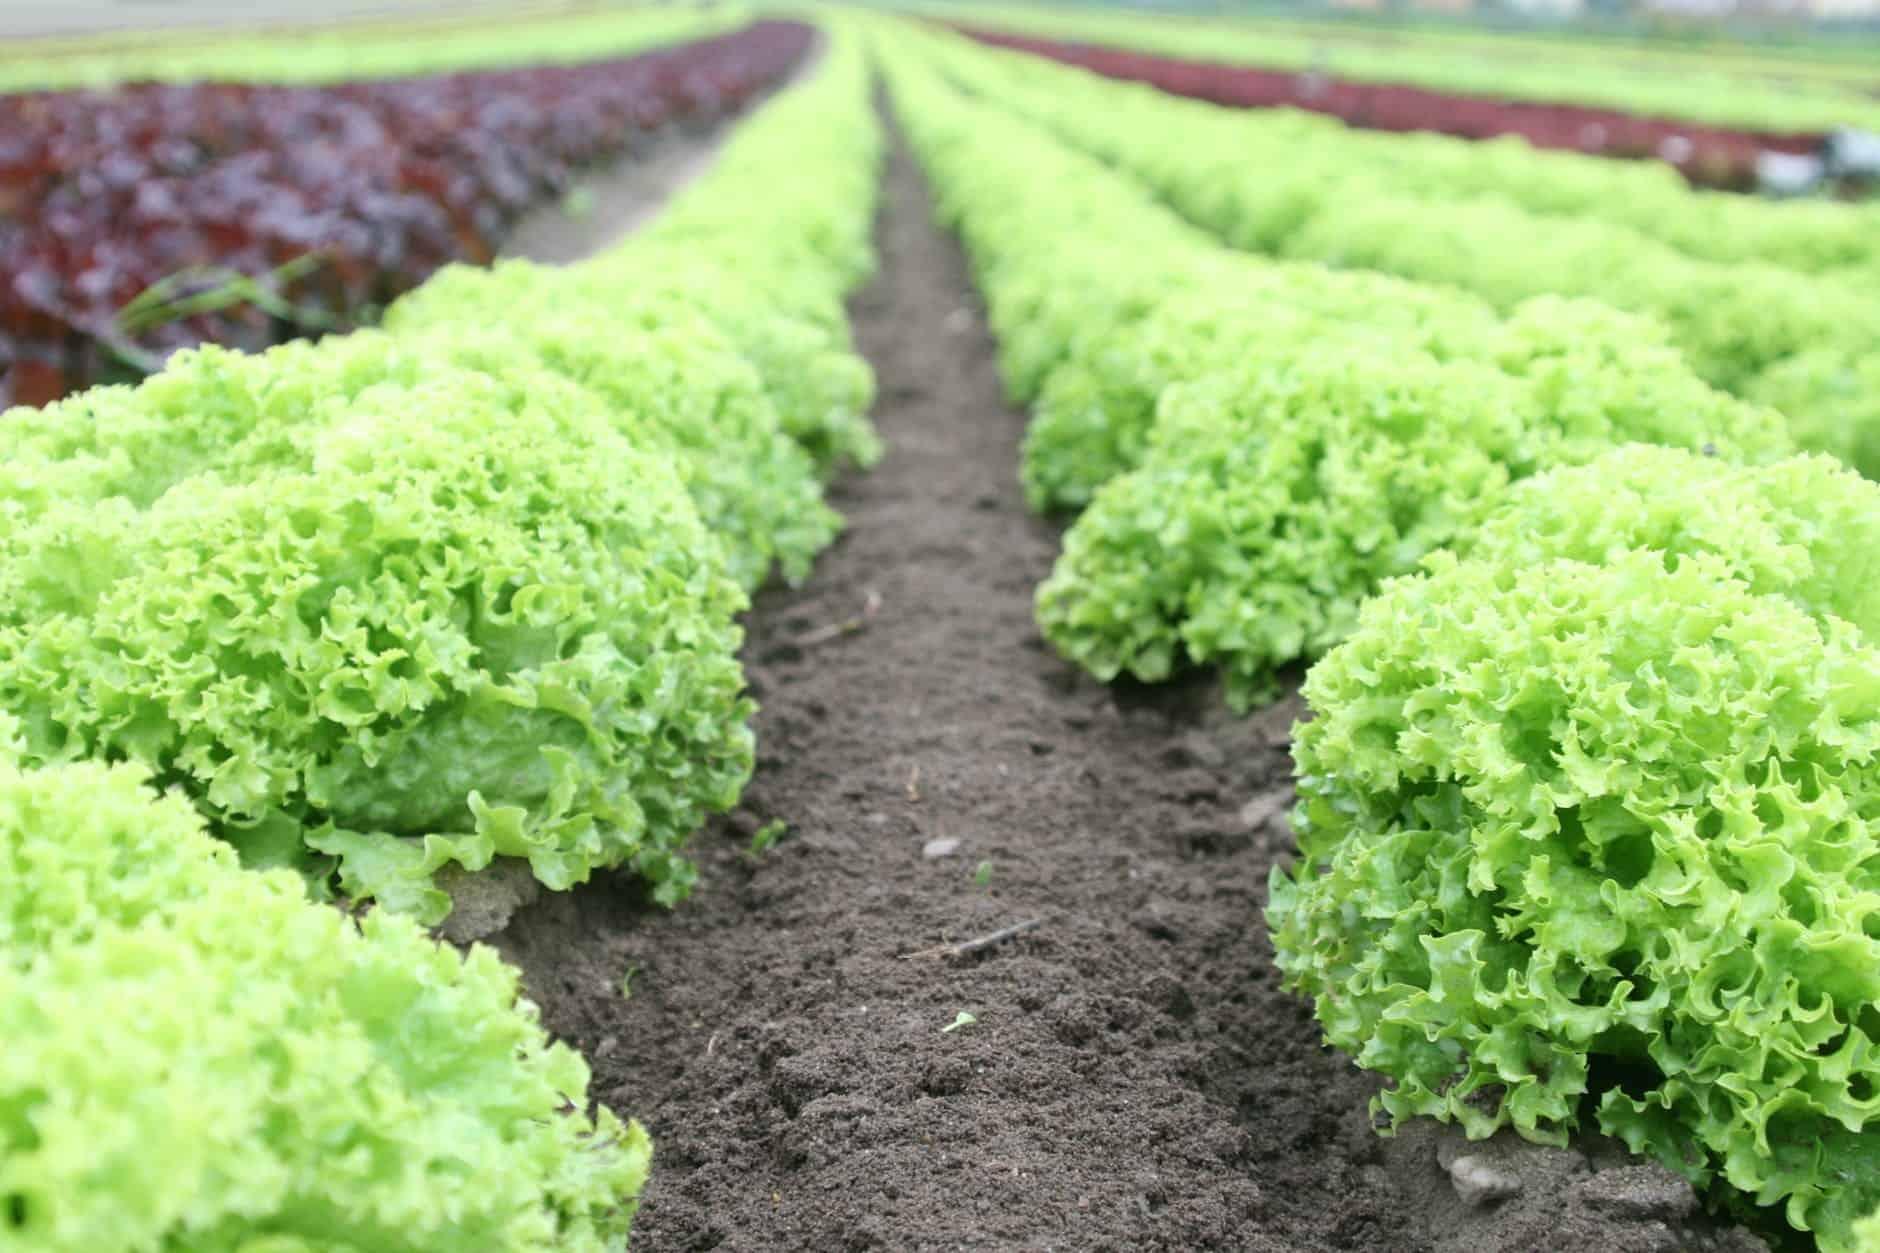 growing vegetable worth it